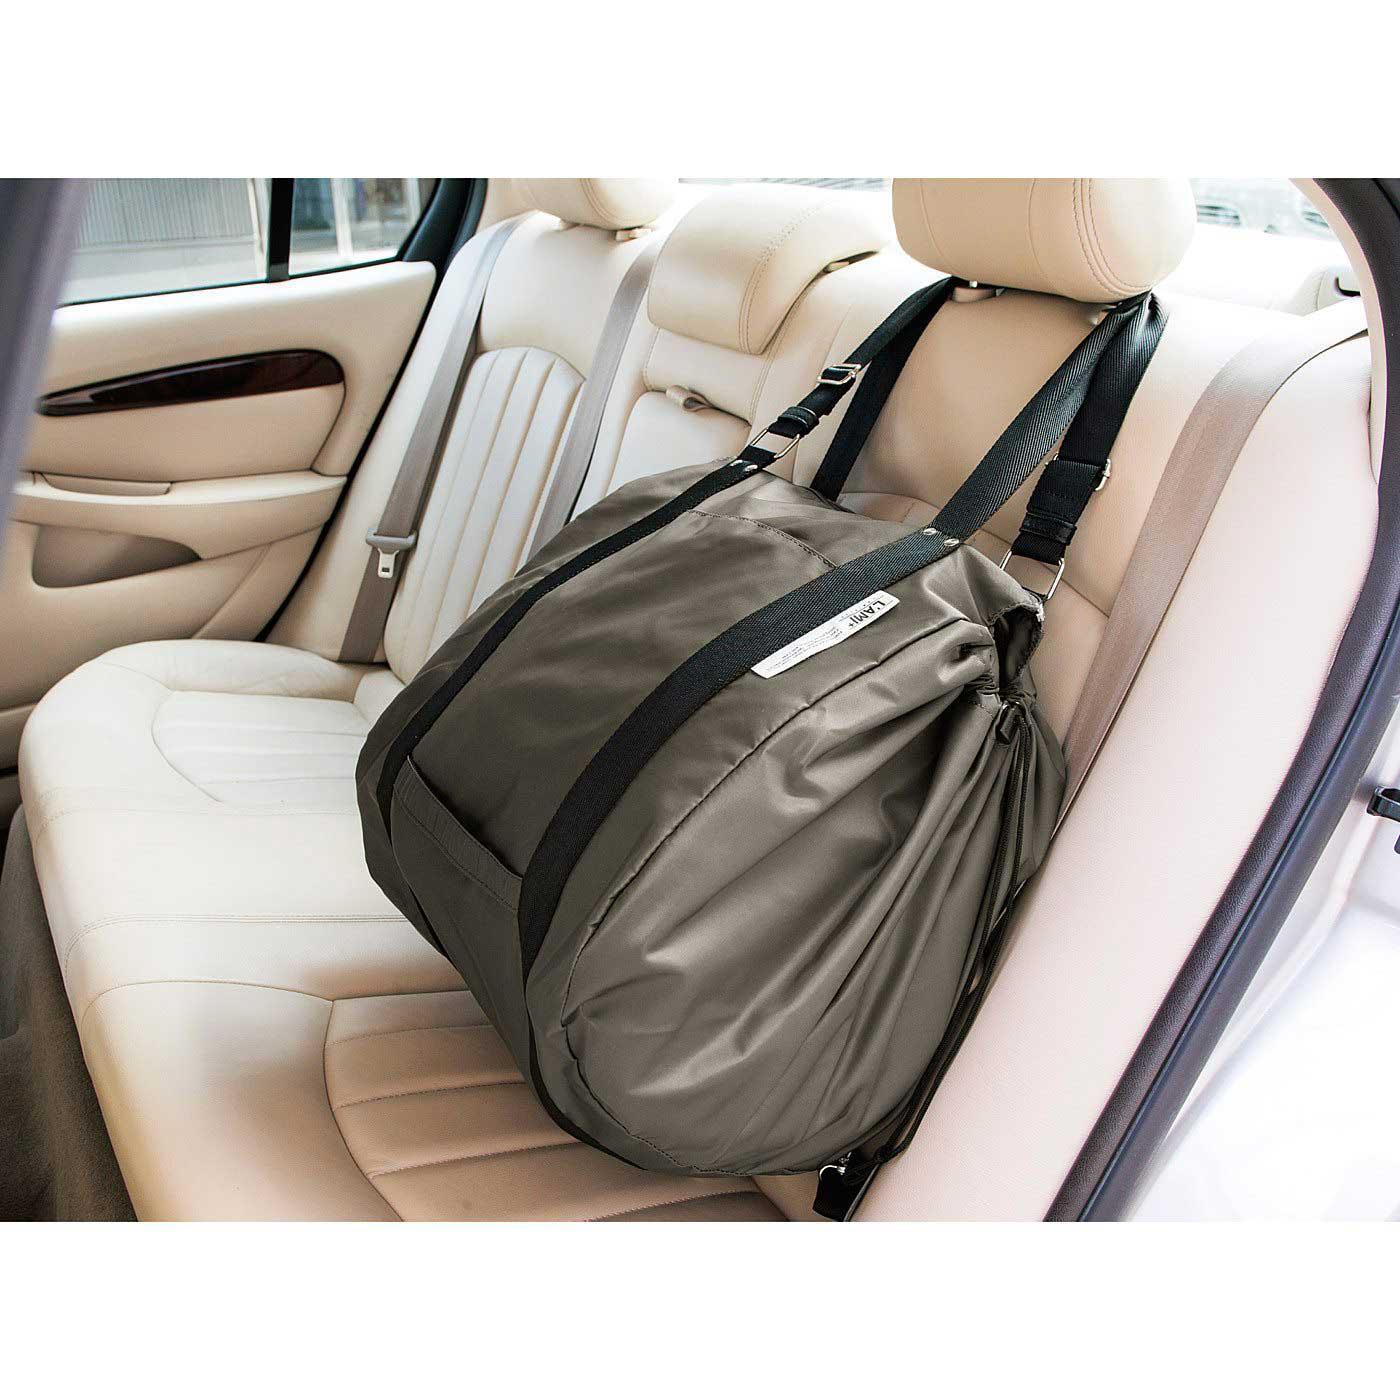 ヘッドレストに掛けておけばブレーキやカーブでも荷物が転がらない。